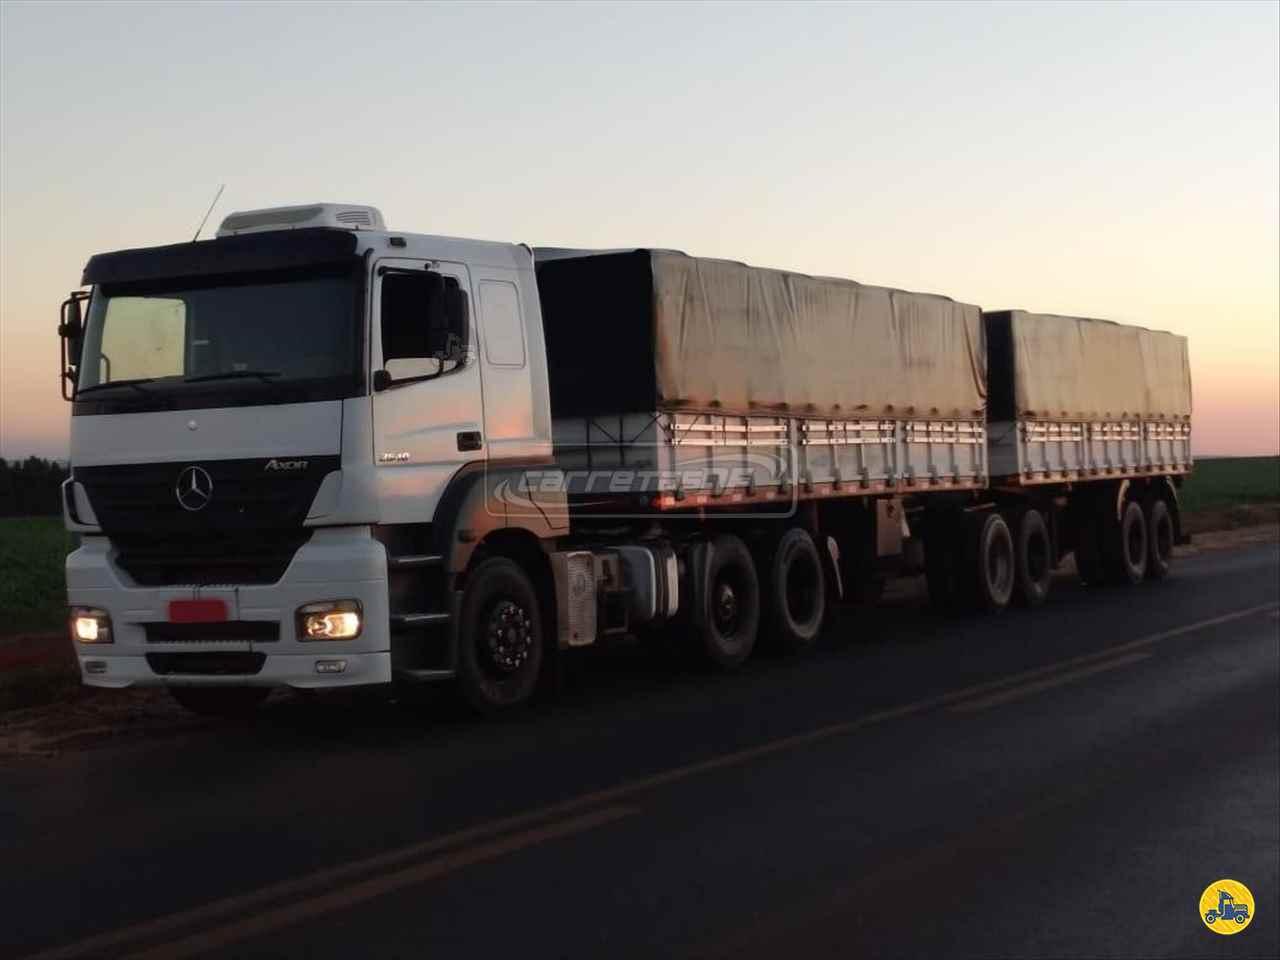 CAMINHAO MERCEDES-BENZ MB 2540 Cavalo Mecânico Truck 6x2 CARRETAS DF - NOMA BRASILIA DISTRITO FEDERAL DF